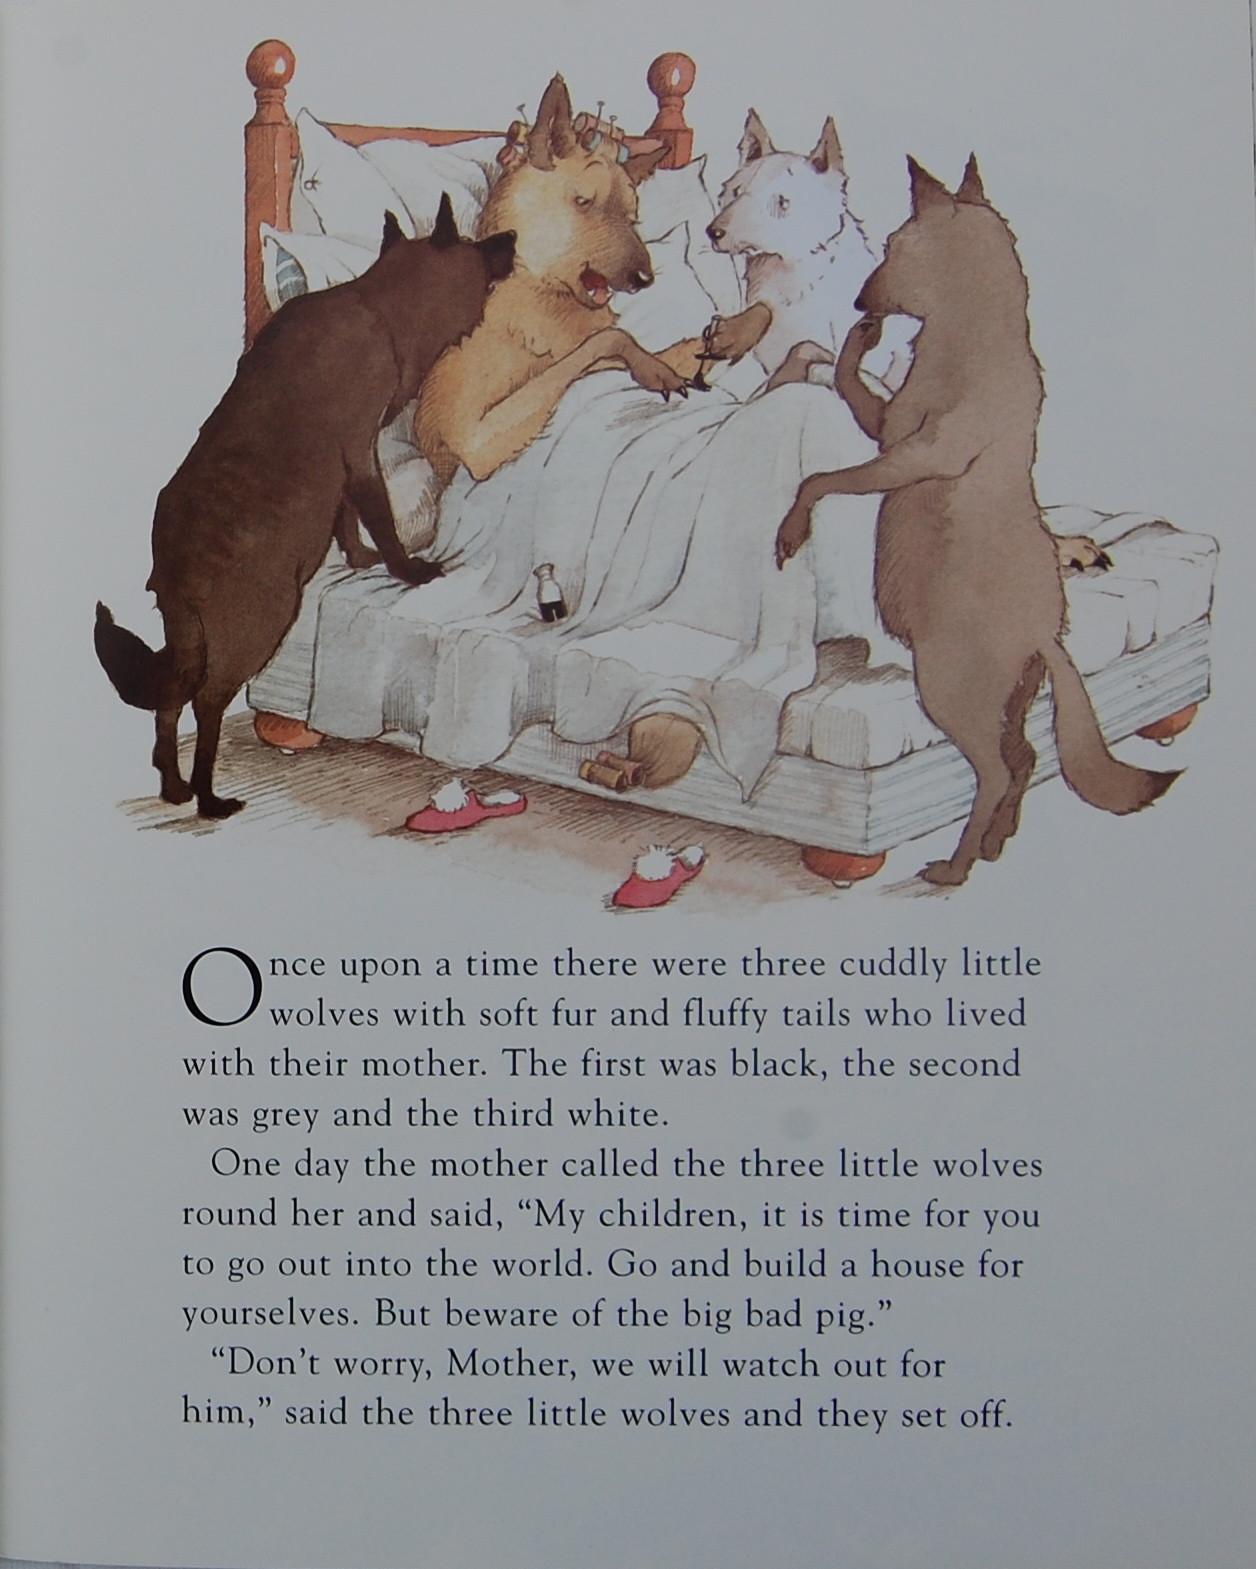 吹萨克斯的向日葵和猫-▼听完妈妈的话,三只小狼便著手他们的新家.到这里故事和《三只小